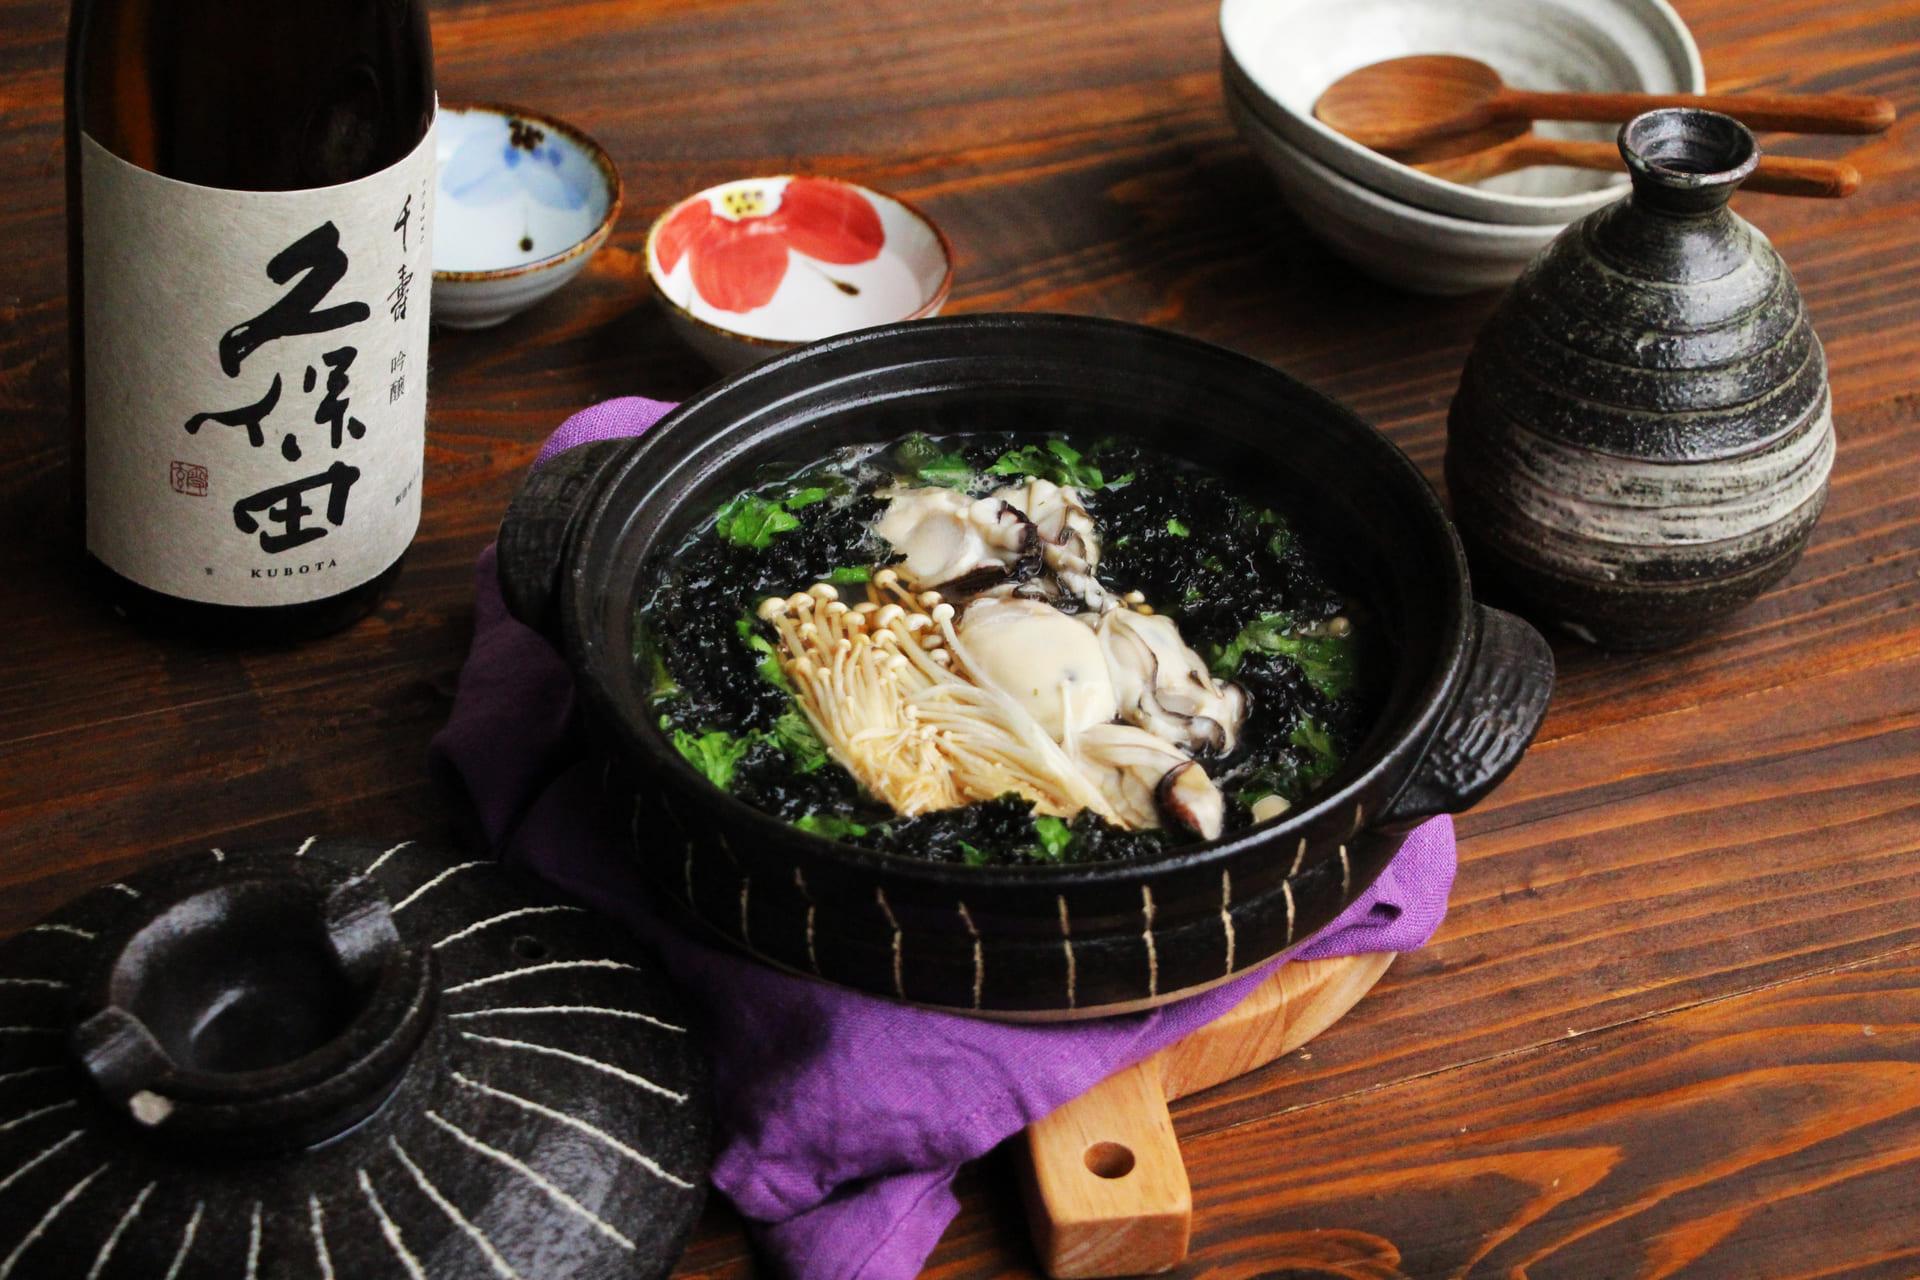 日本酒をもっと楽しむおつまみレシピ|牡蠣と春菊の海苔鍋